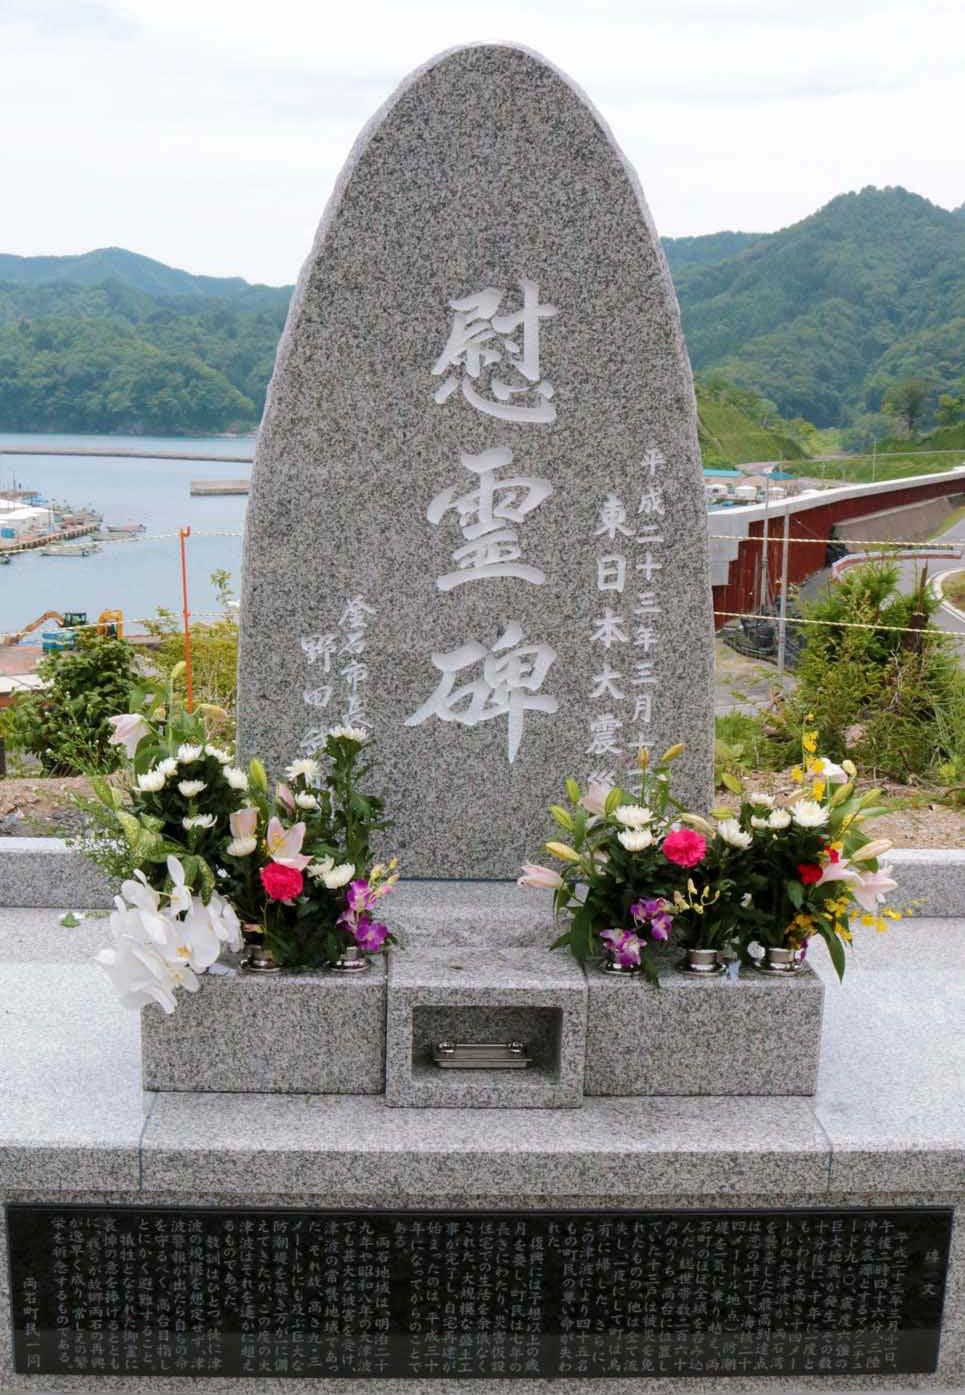 46人の御霊を慰め、津波の教訓を末永く伝え続ける慰霊碑